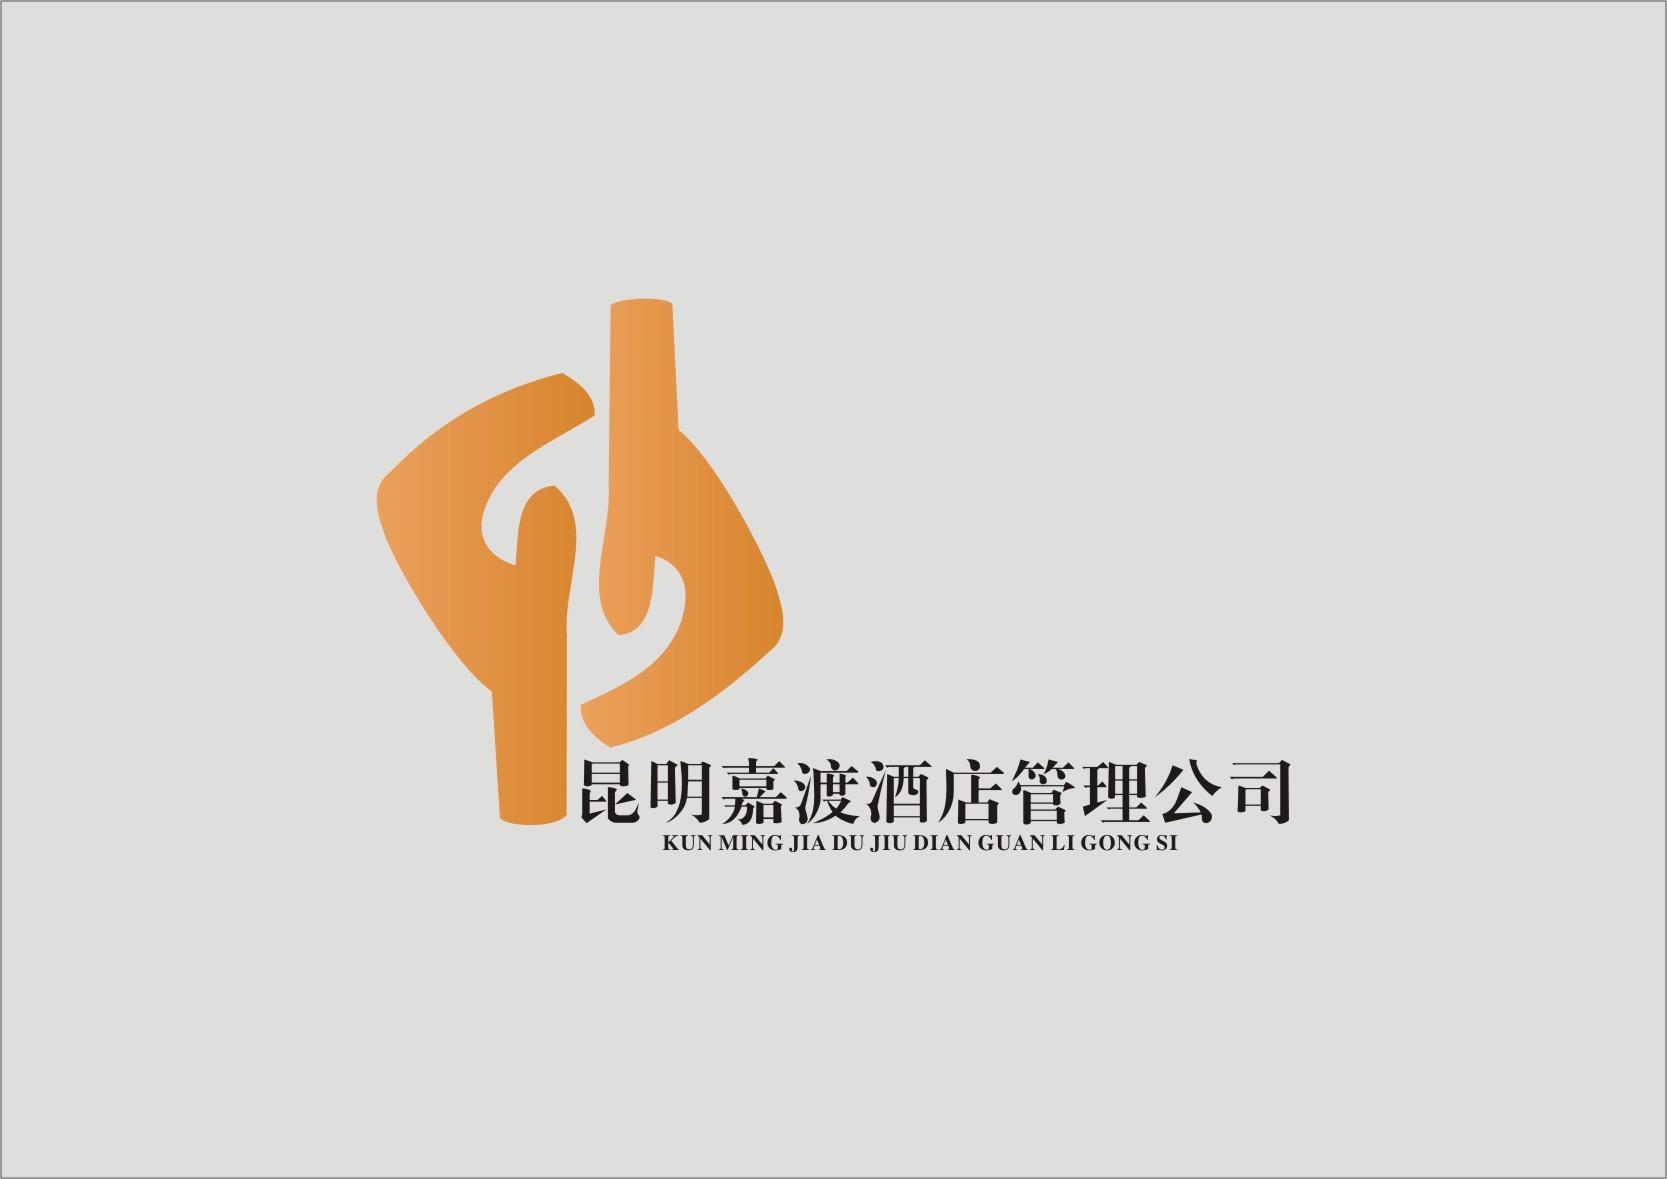 昆明嘉渡酒店管理公司logo设计